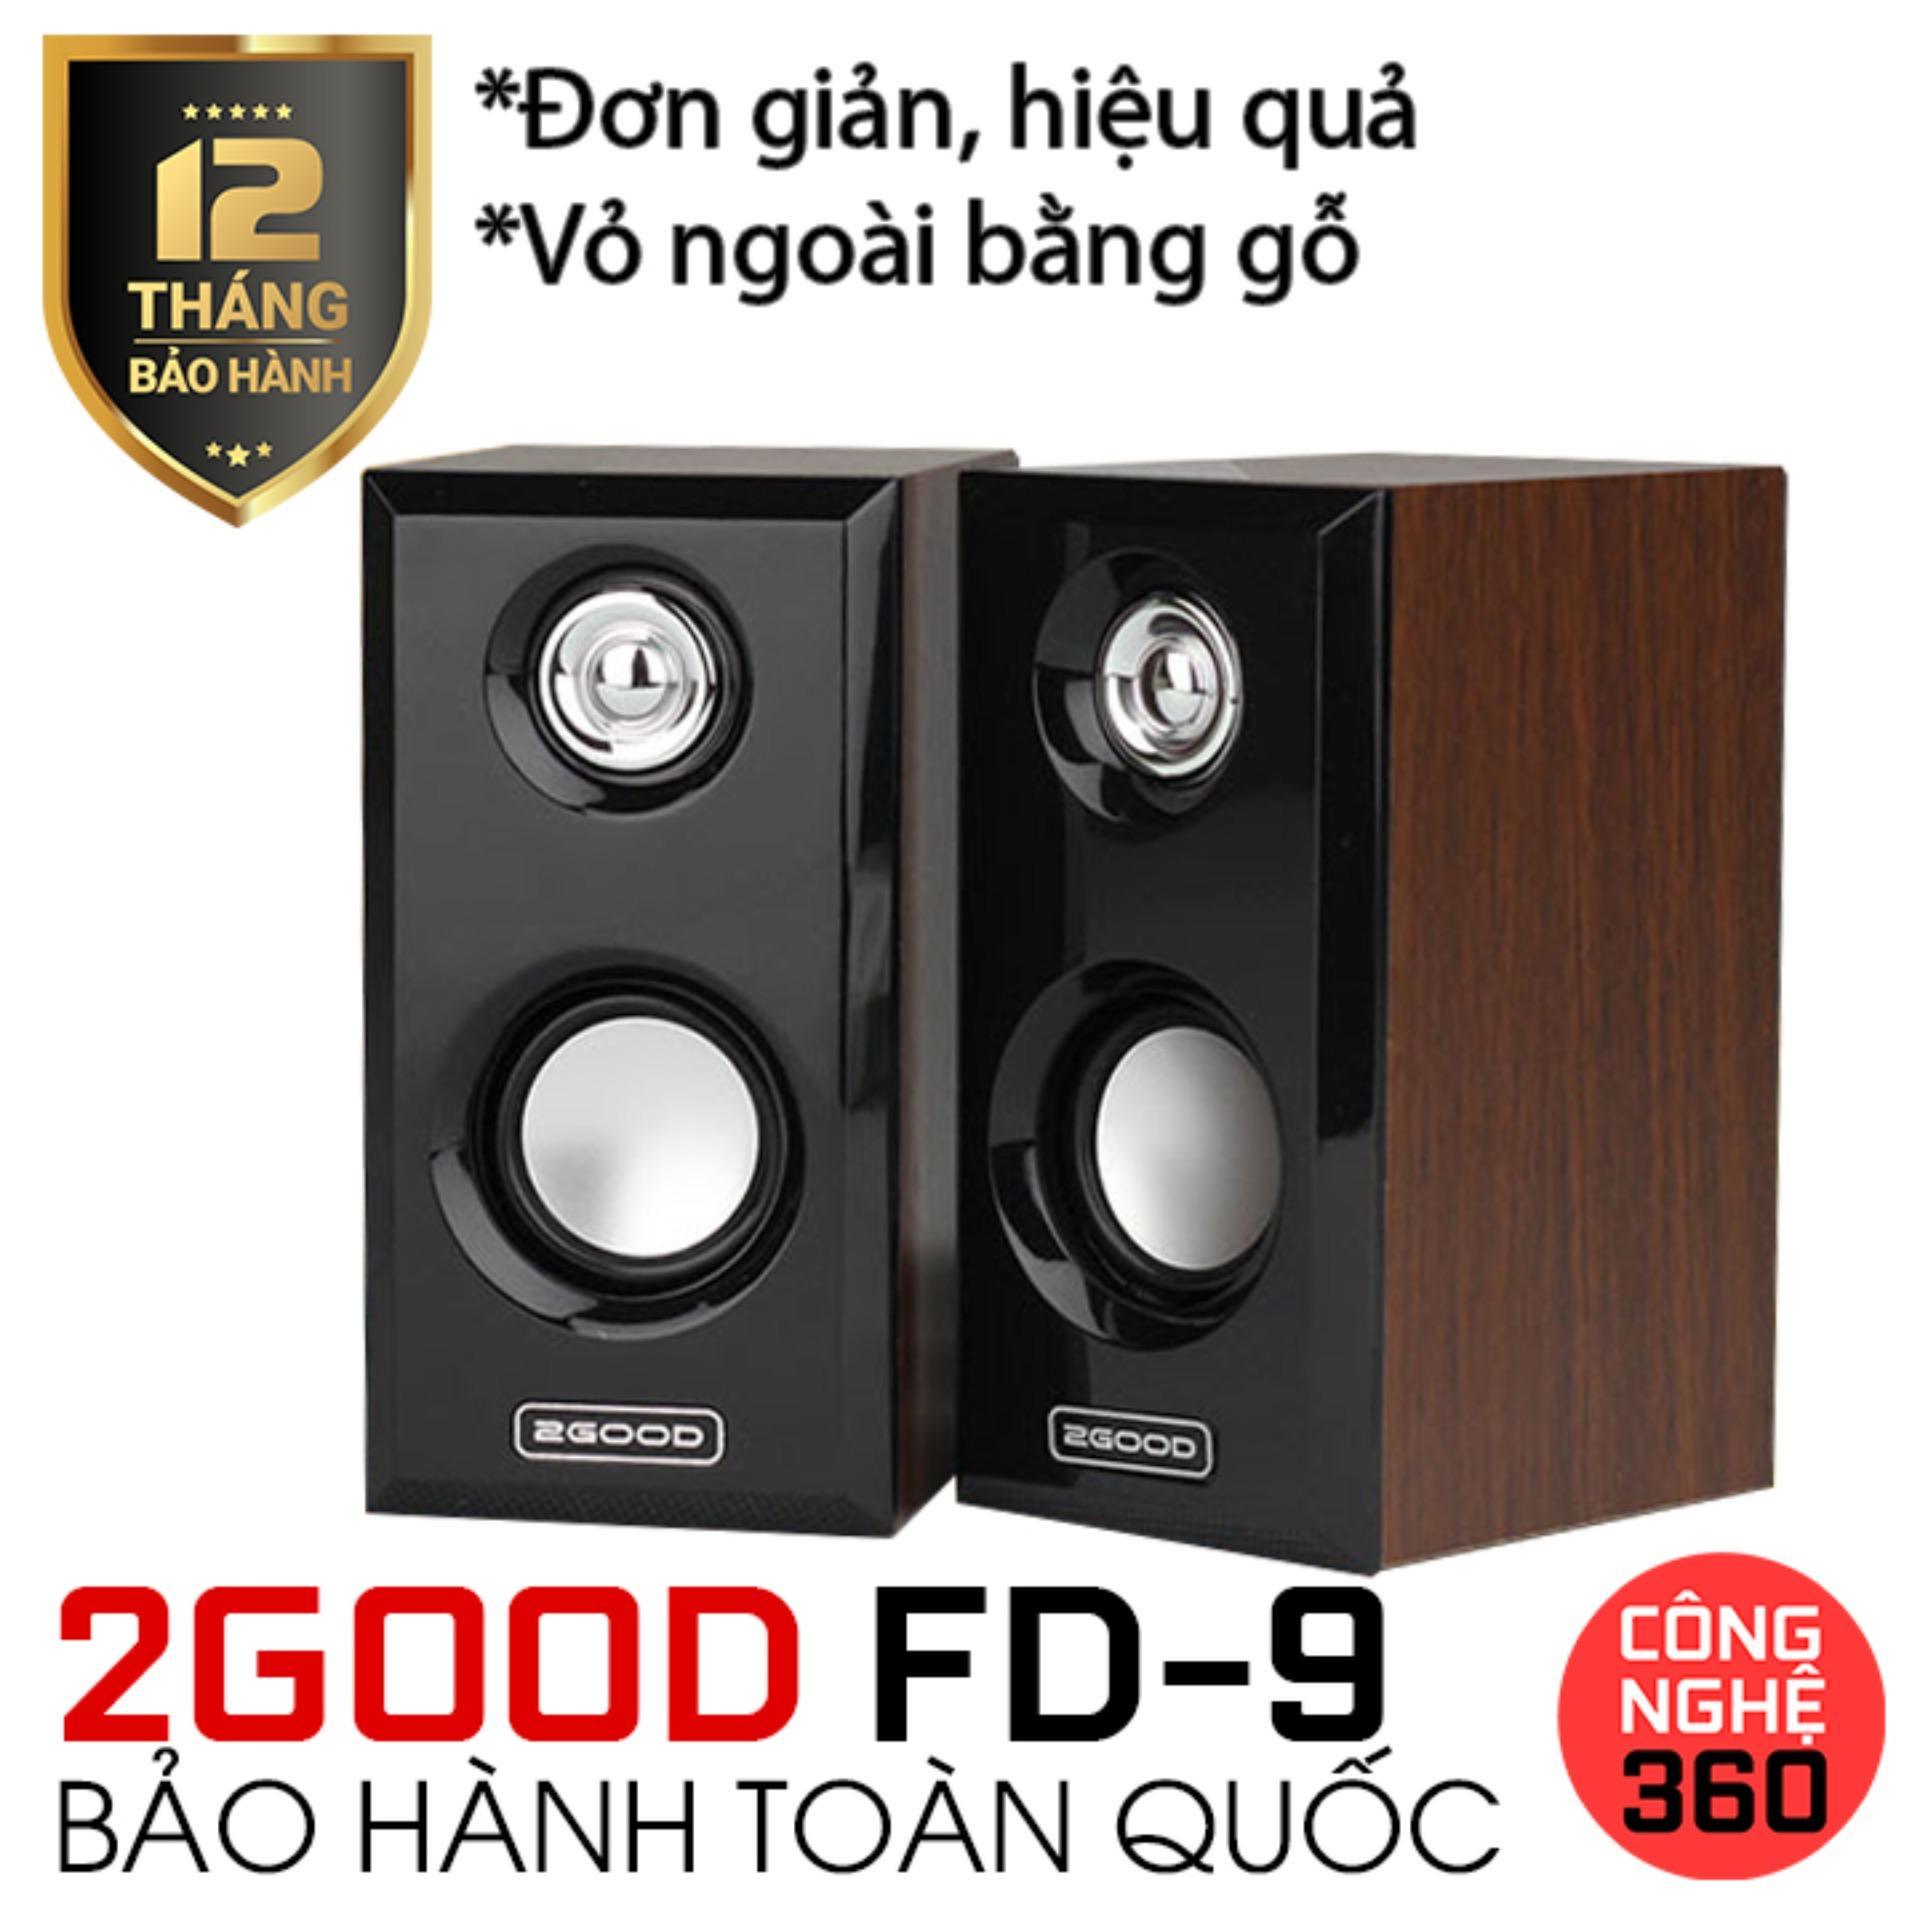 Bán Loa May Tinh 2 2Good Music Fd9 Nau Phối Đen Trực Tuyến Hà Nội